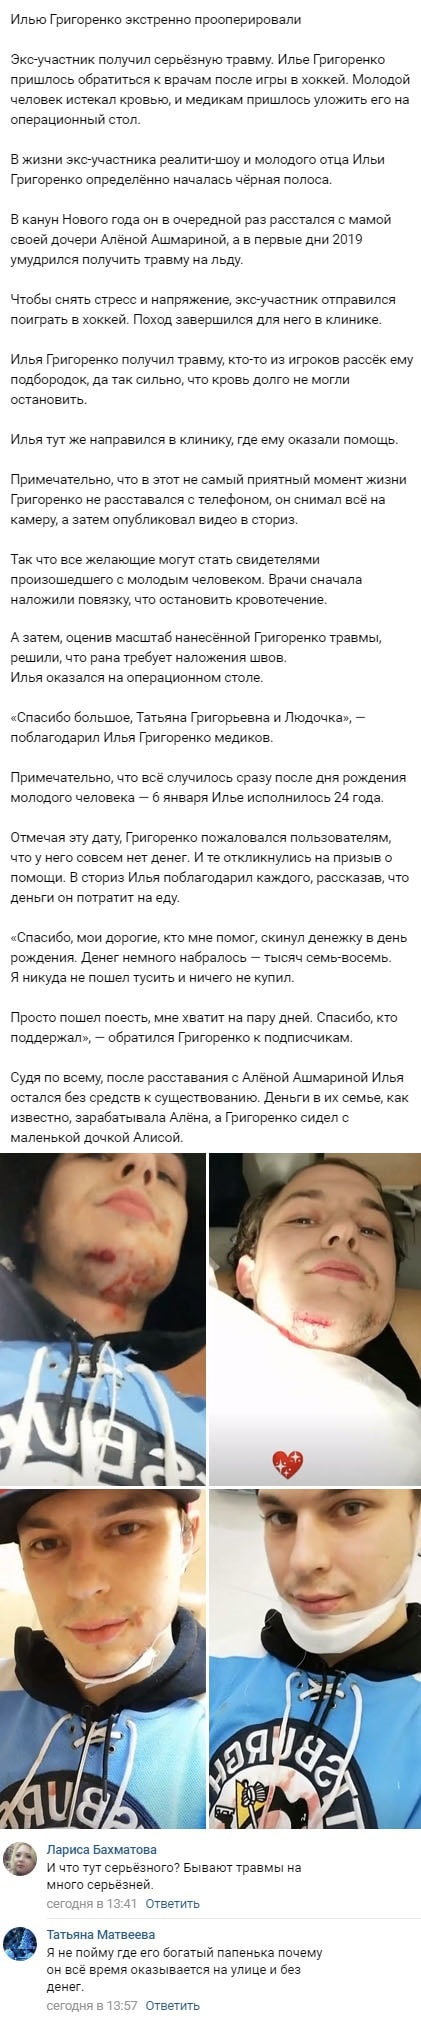 Травмированного Илью Григоренко экстренно доставили в больницу